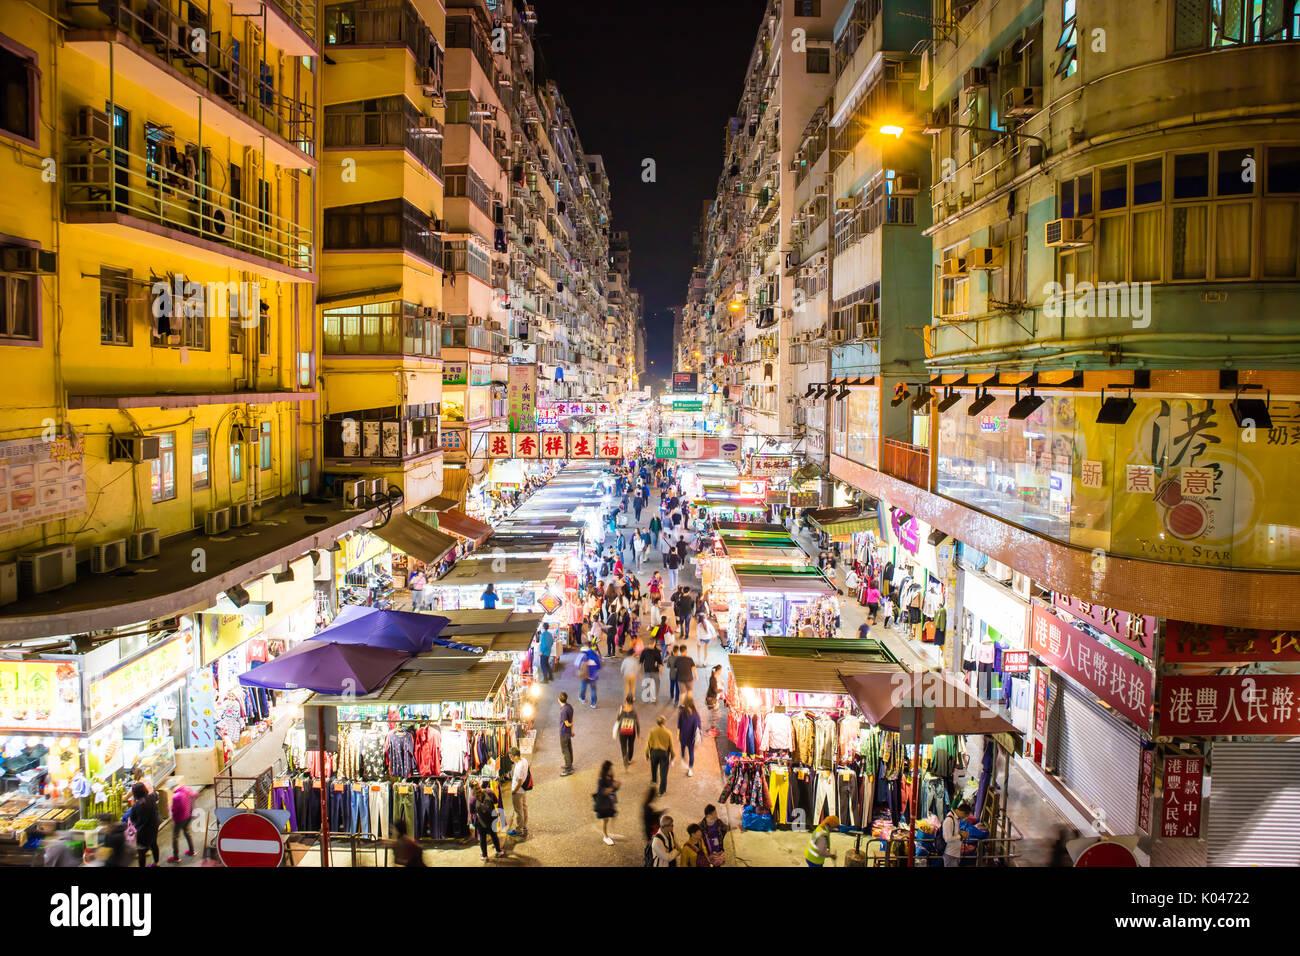 Fa Yuen street market at night in Hong Kong city - Stock Image